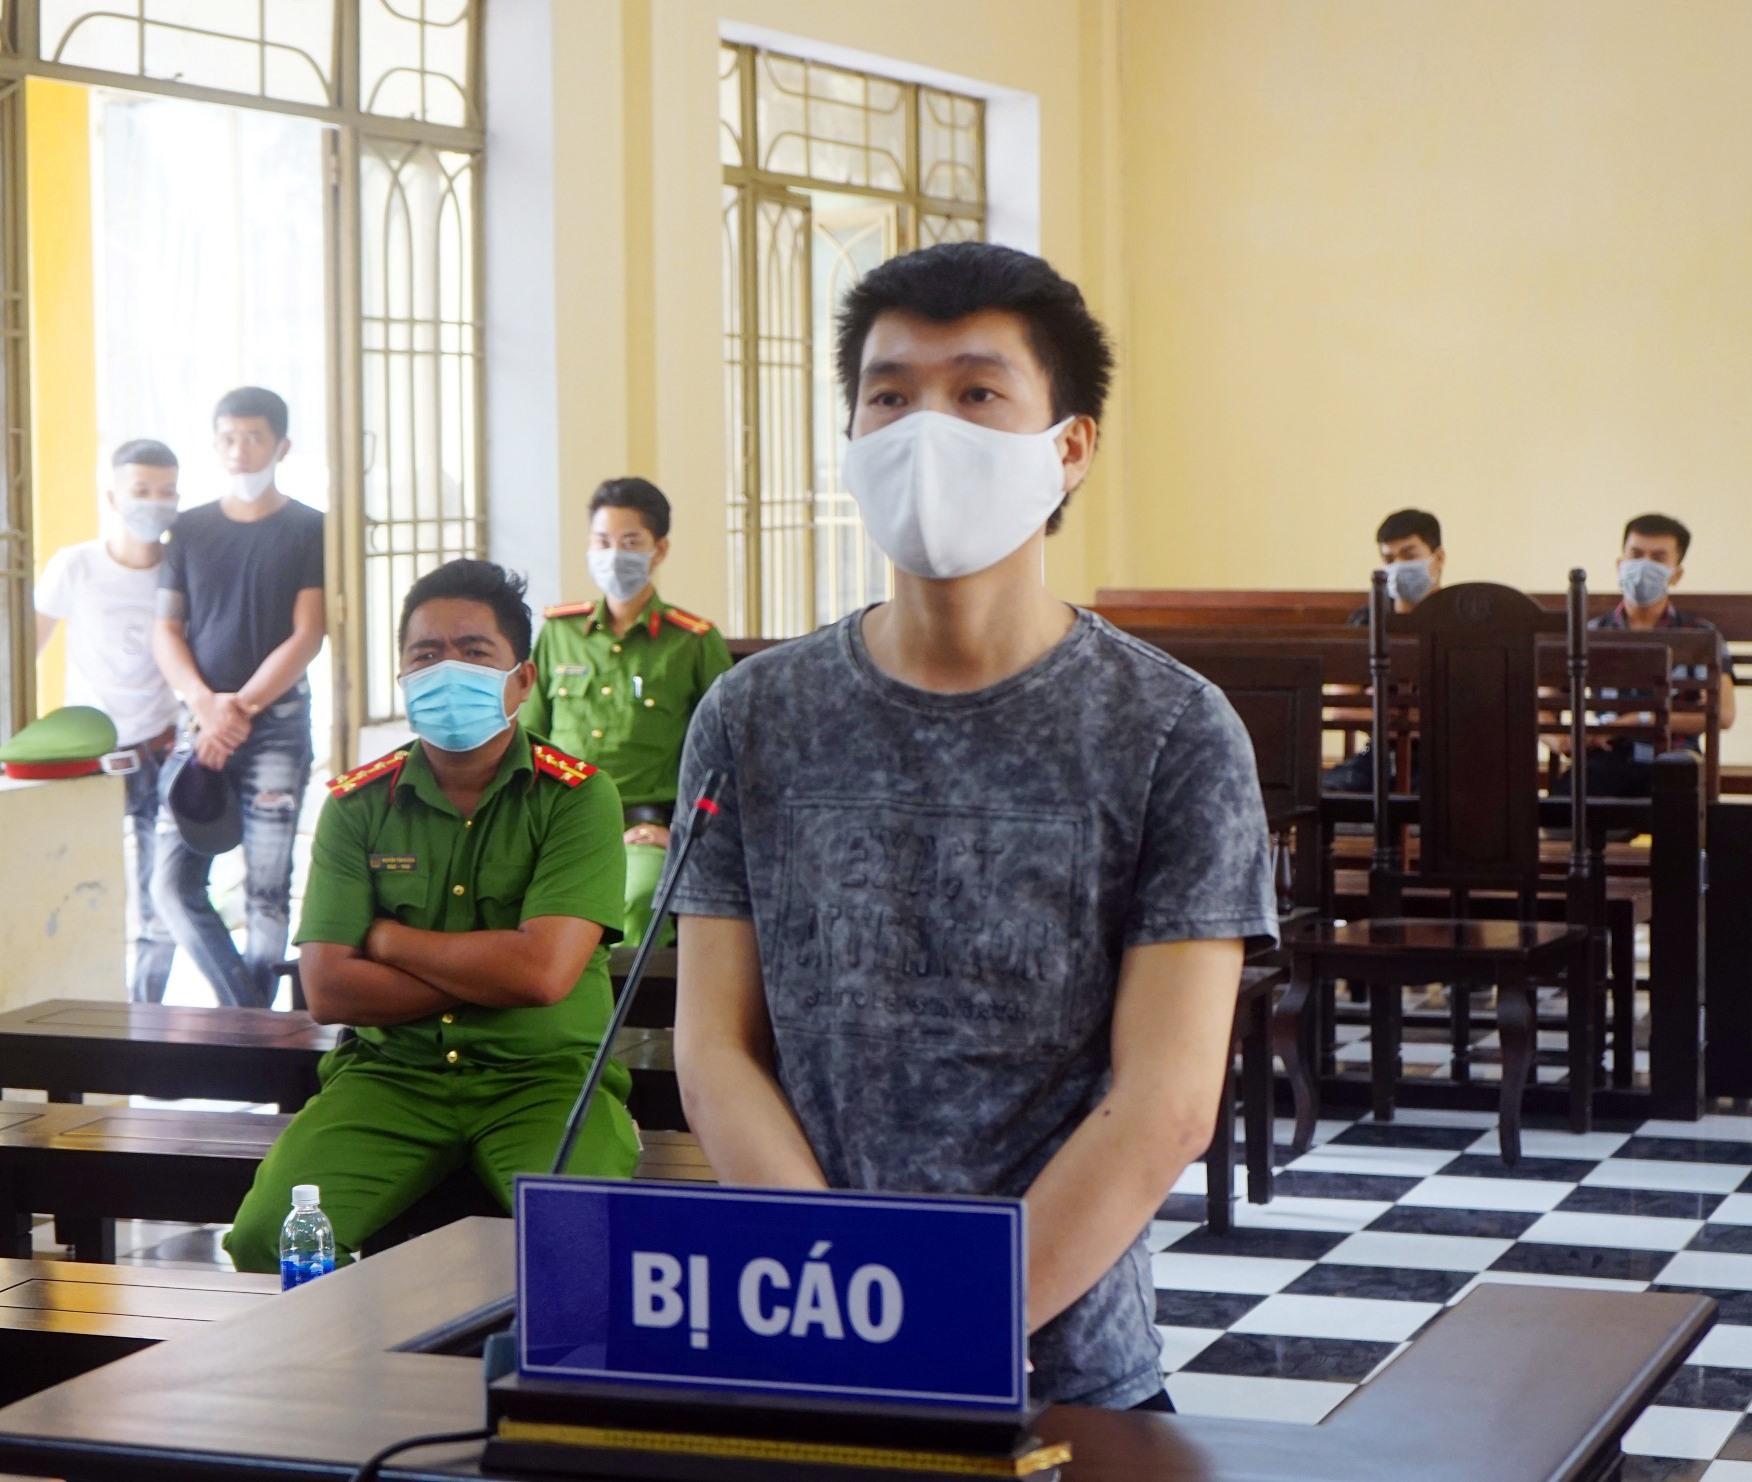 Bị cáo Huỳnh Nhân tại phiên tòa. Ảnh PHƯƠNG LOAN